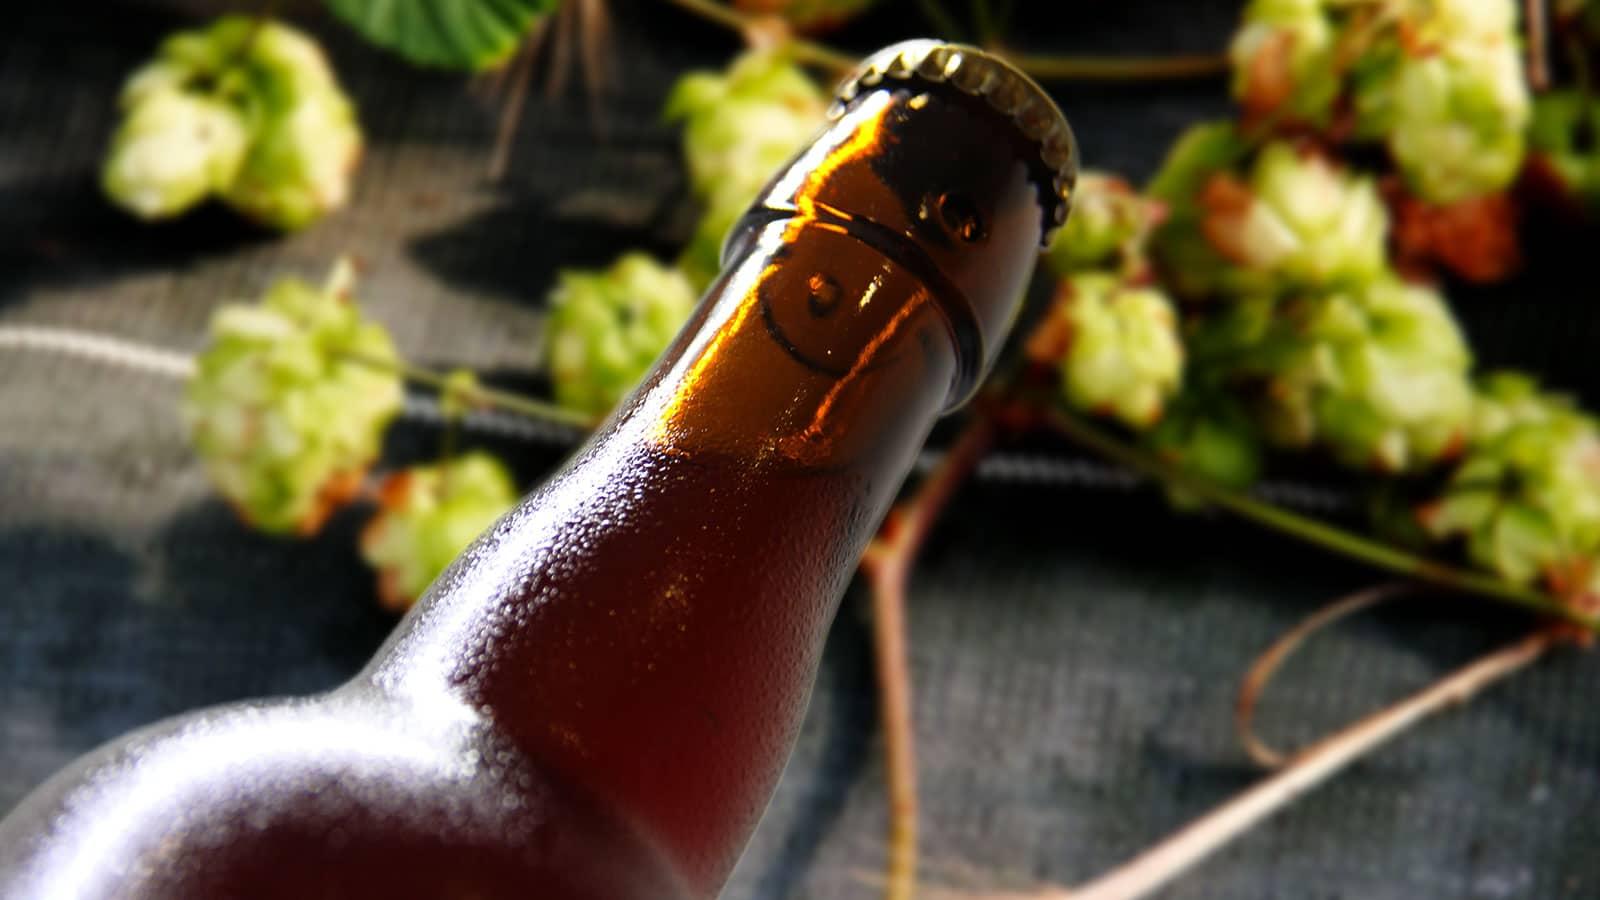 BièreDegustation